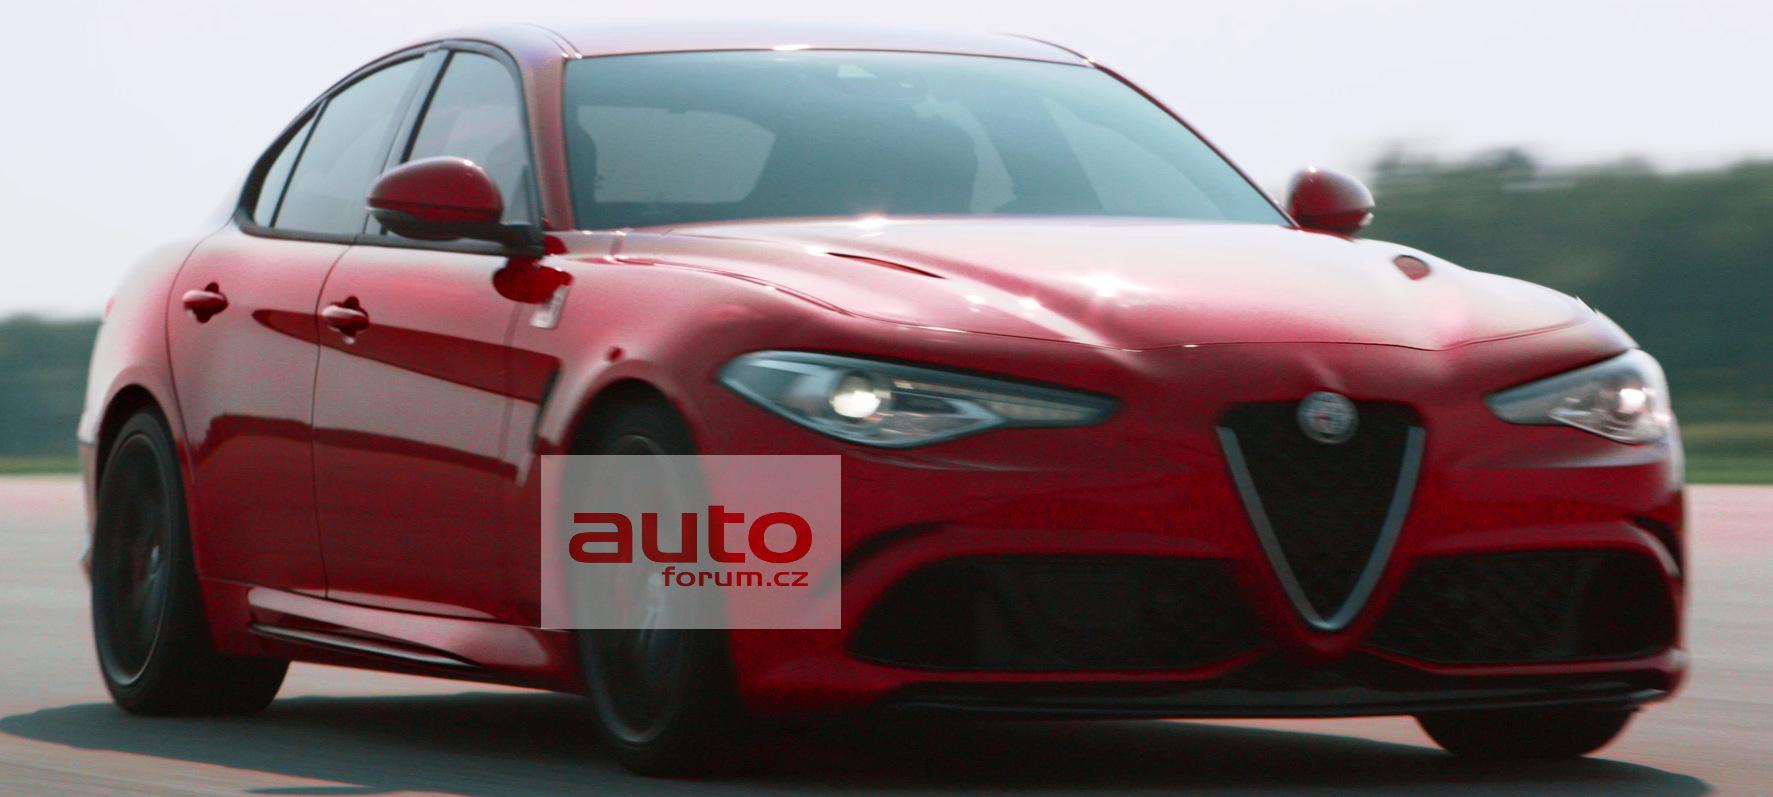 Alfa_Romeo_Giulia_2016_unik_vse_01.jpg